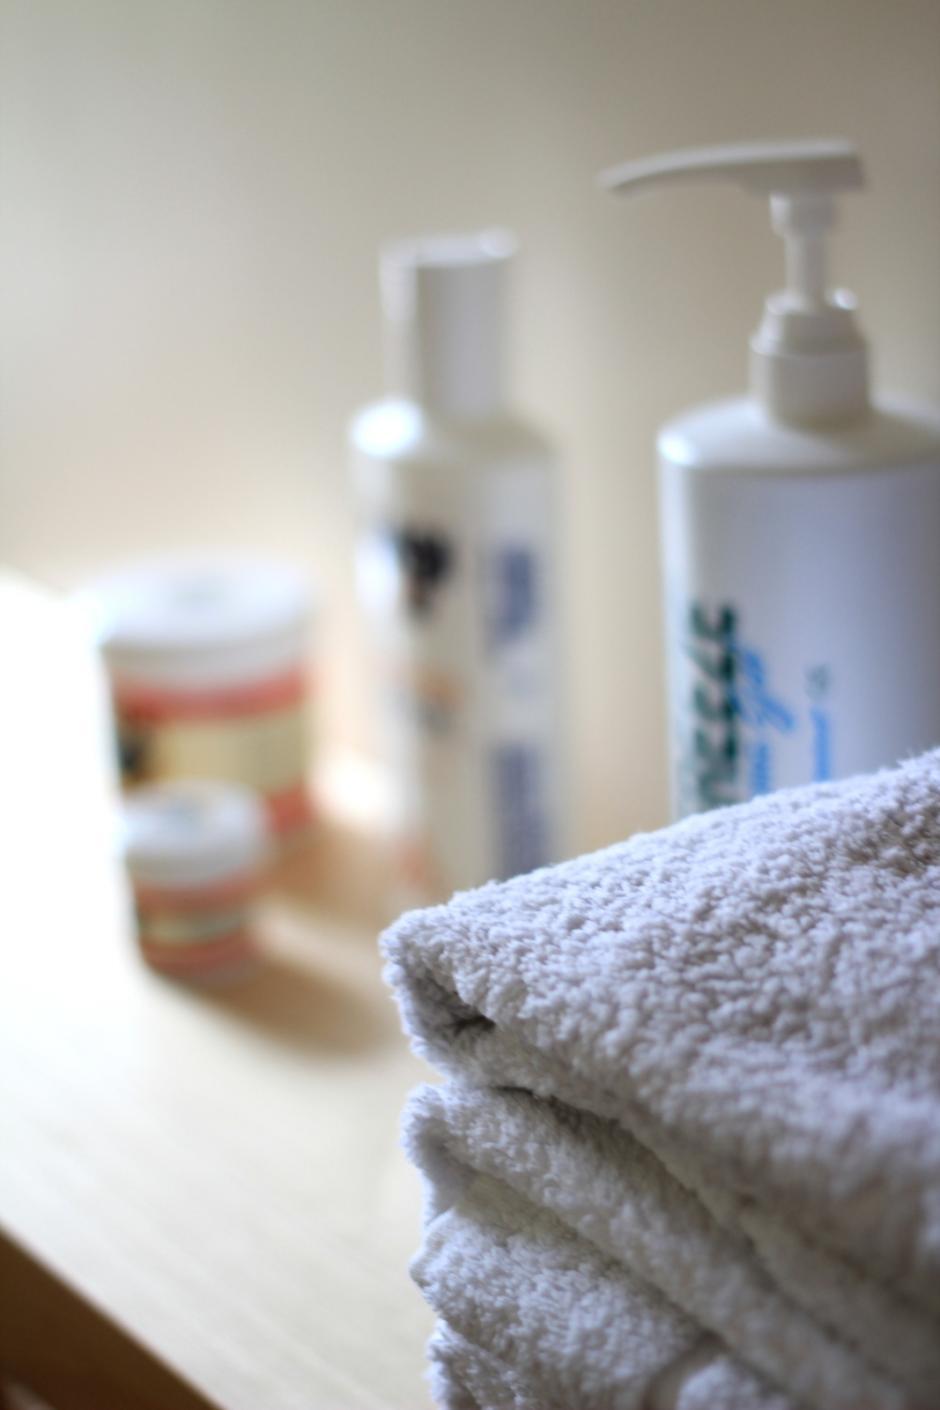 Massage cream and towel